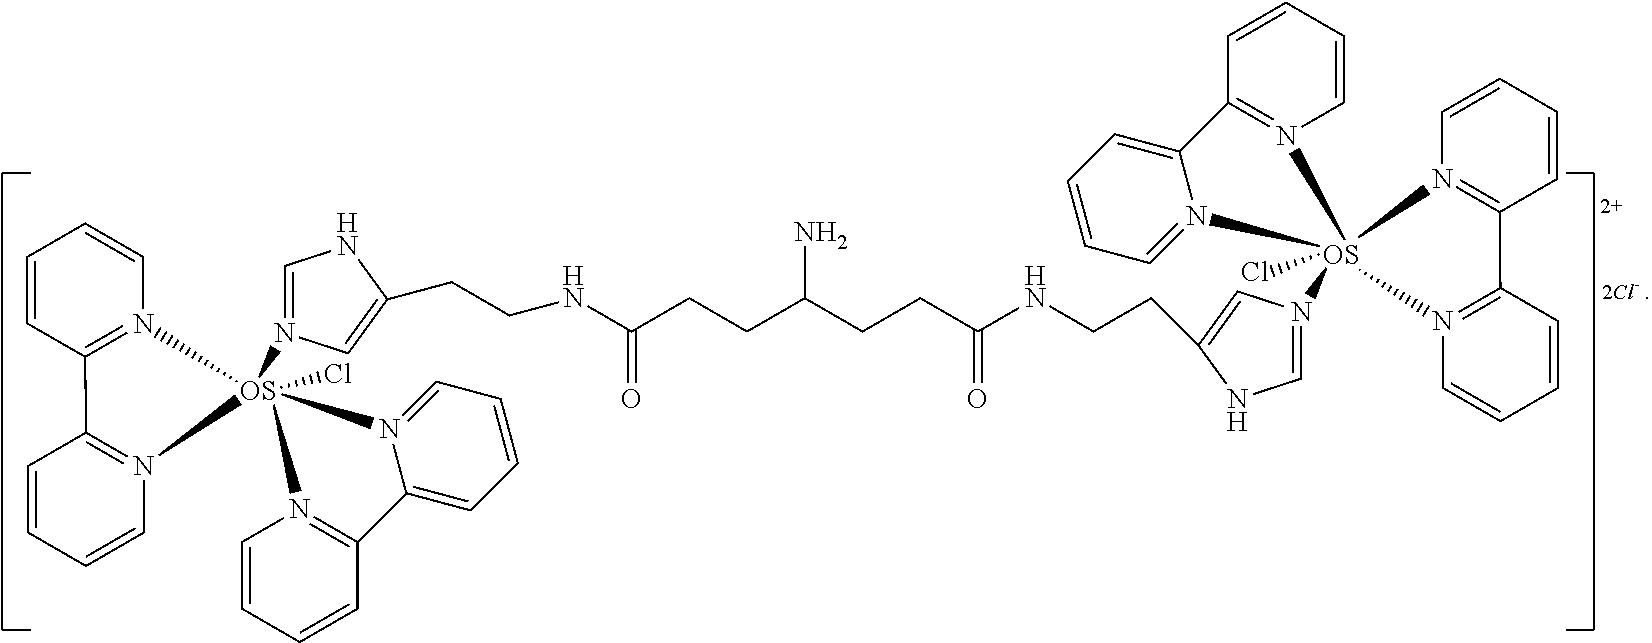 Figure US08288544-20121016-C00017